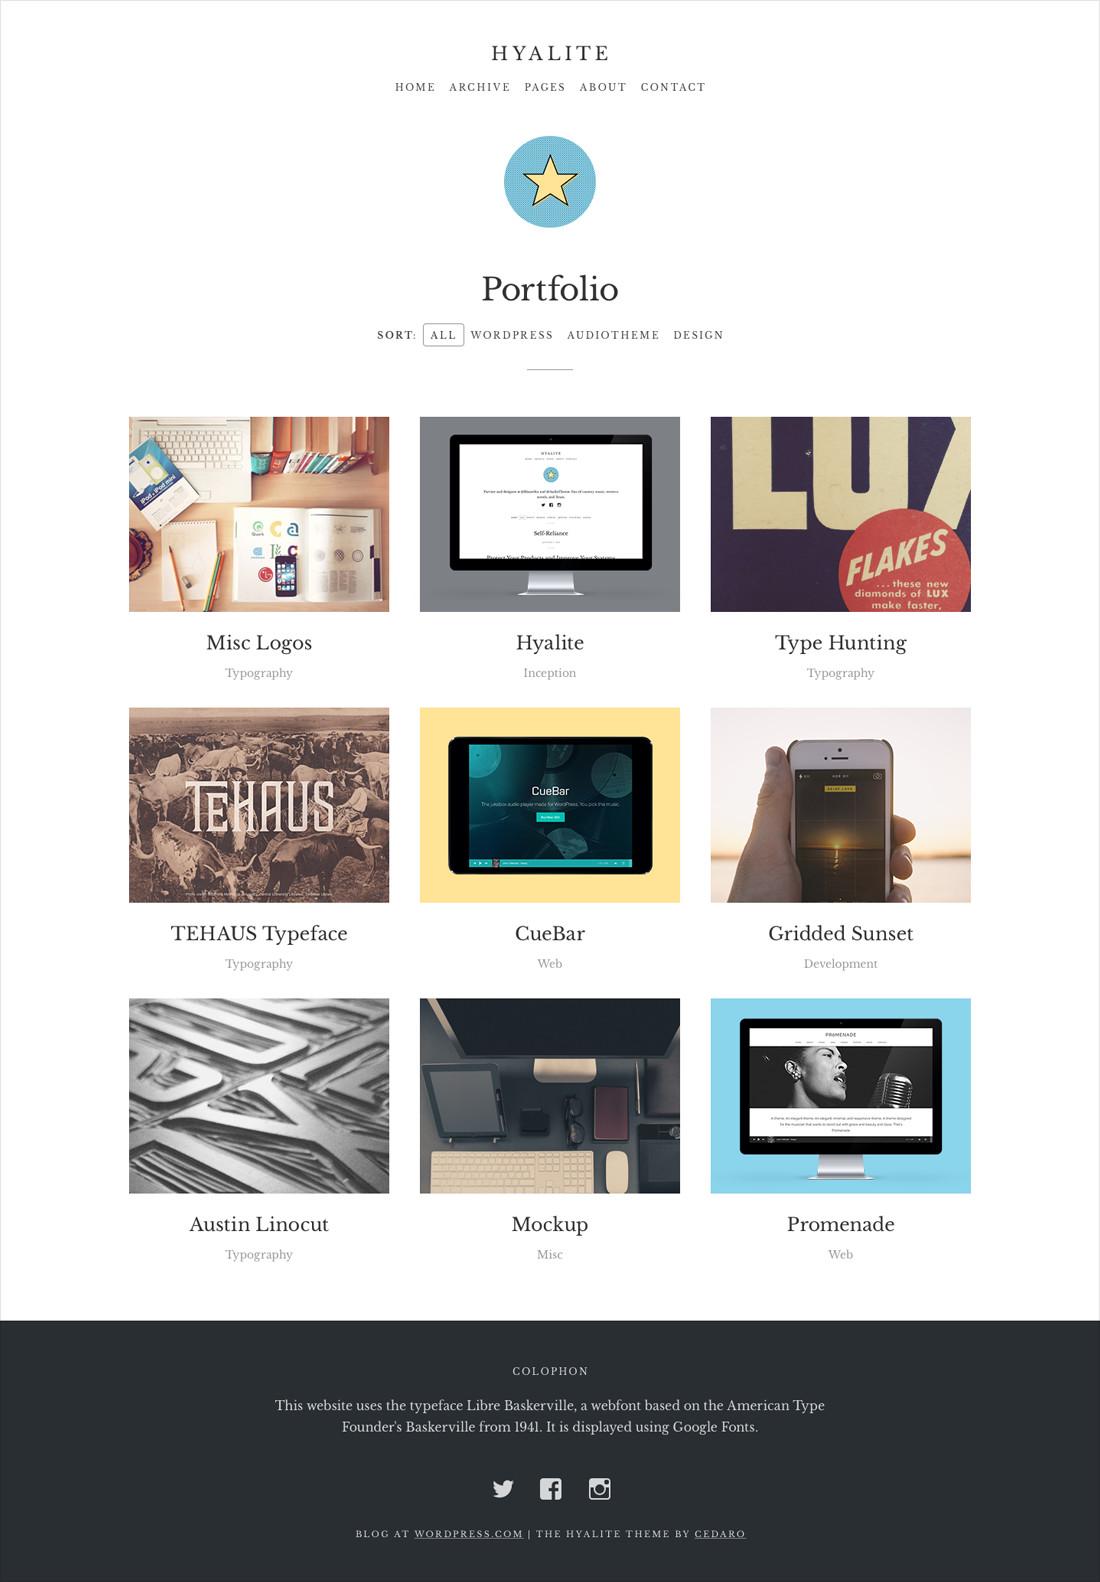 hyalite-portfolio